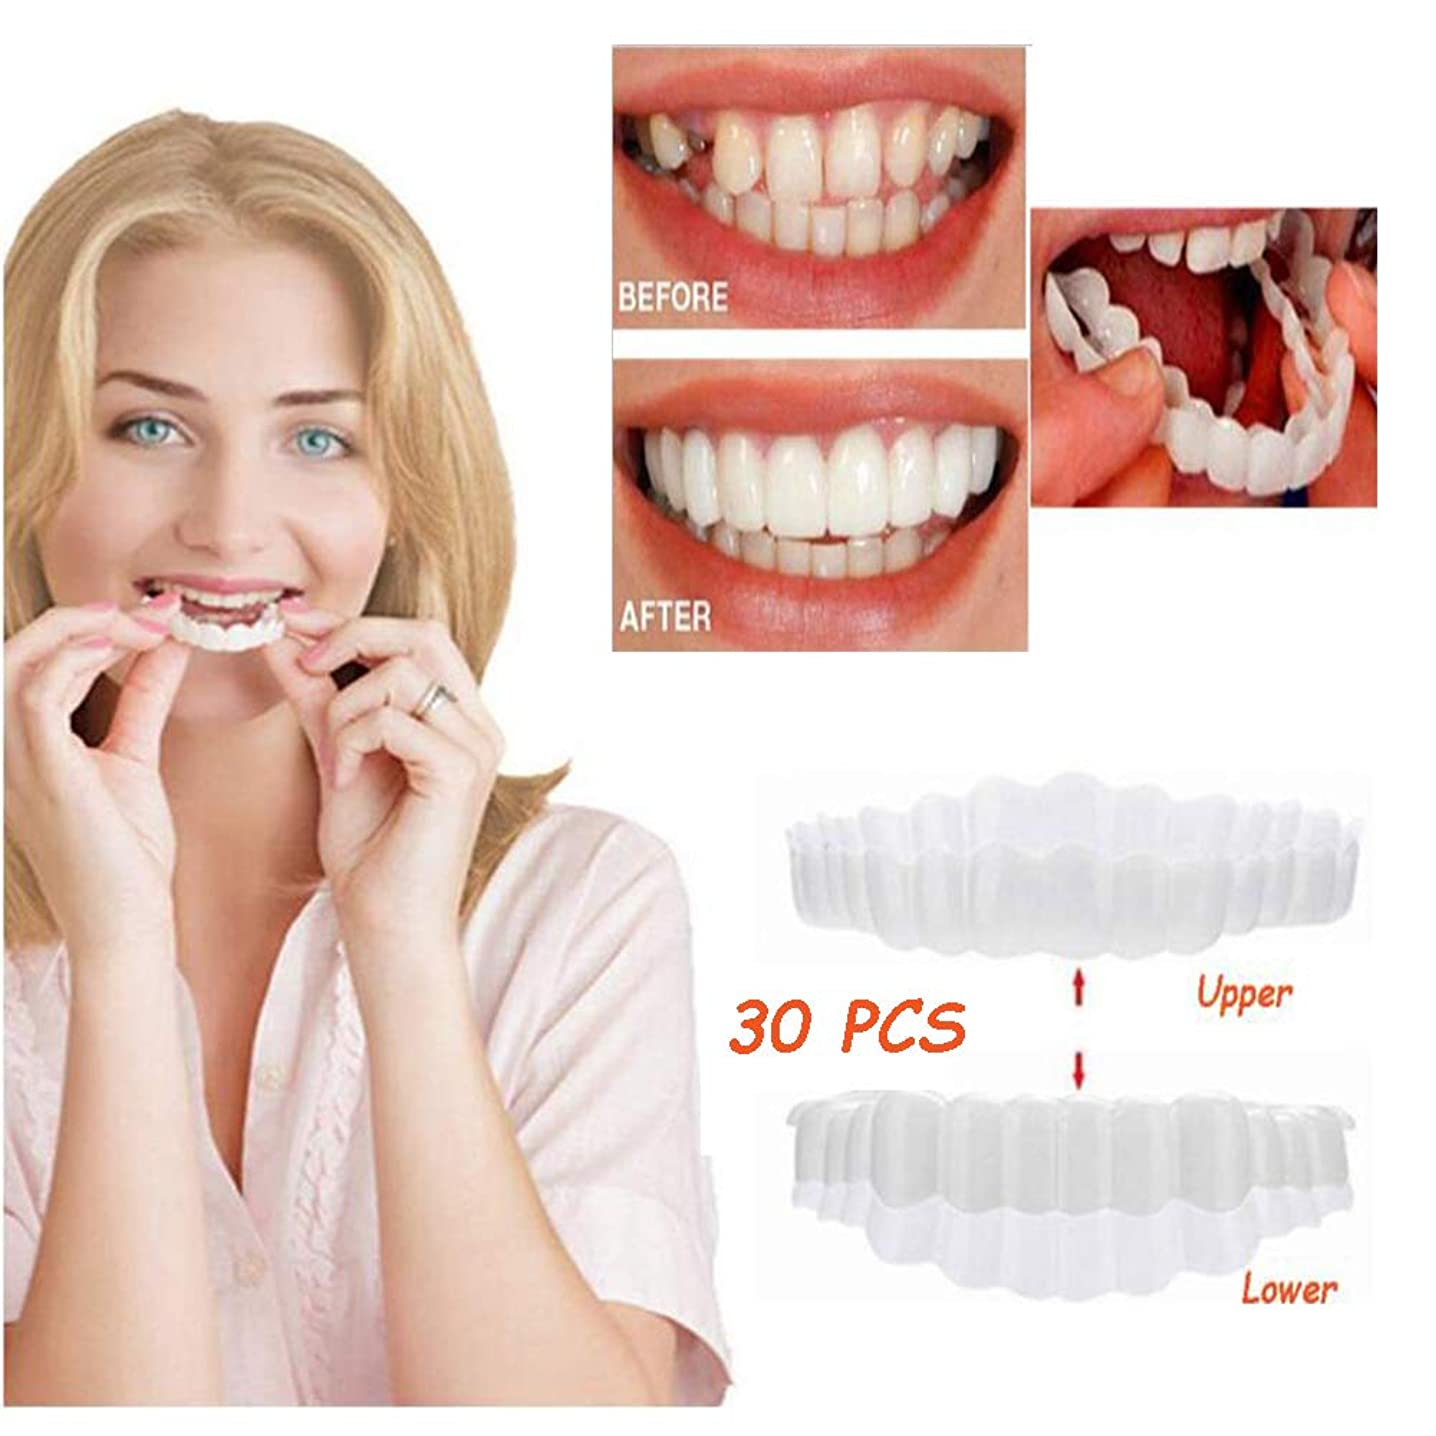 麻酔薬ヘルシー報酬の30個歯の化粧化粧板の美しい笑顔義歯ケアクリエイティブ歯の一時的なブレースワンサイズはほとんどの歯のベニヤにフィット(下+上)